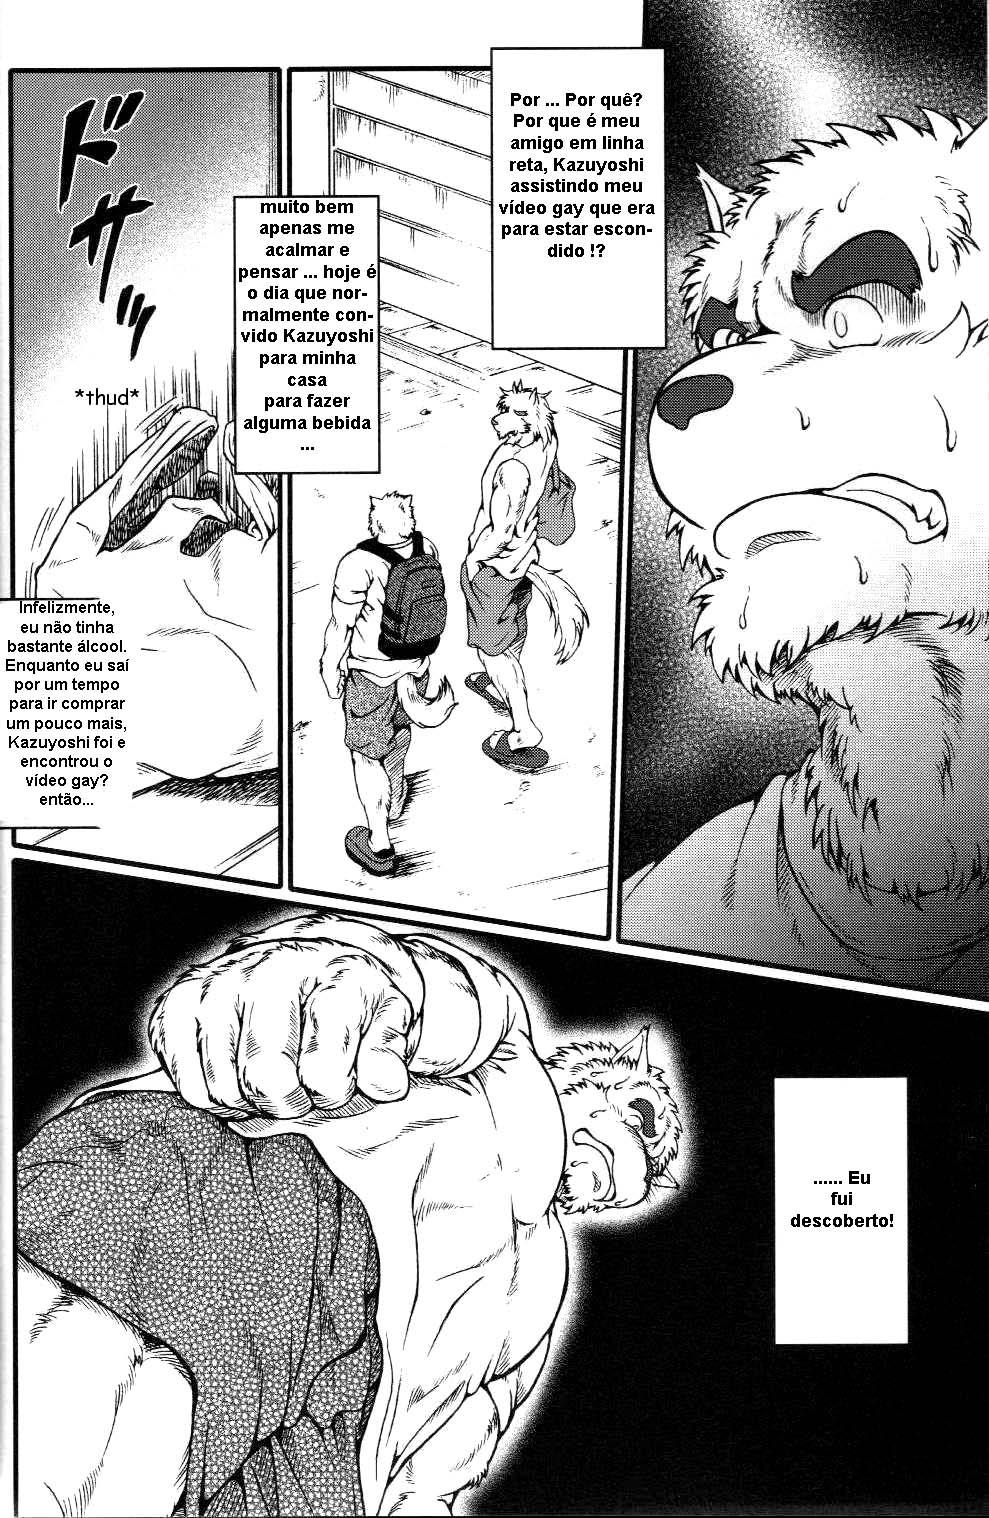 jin manga